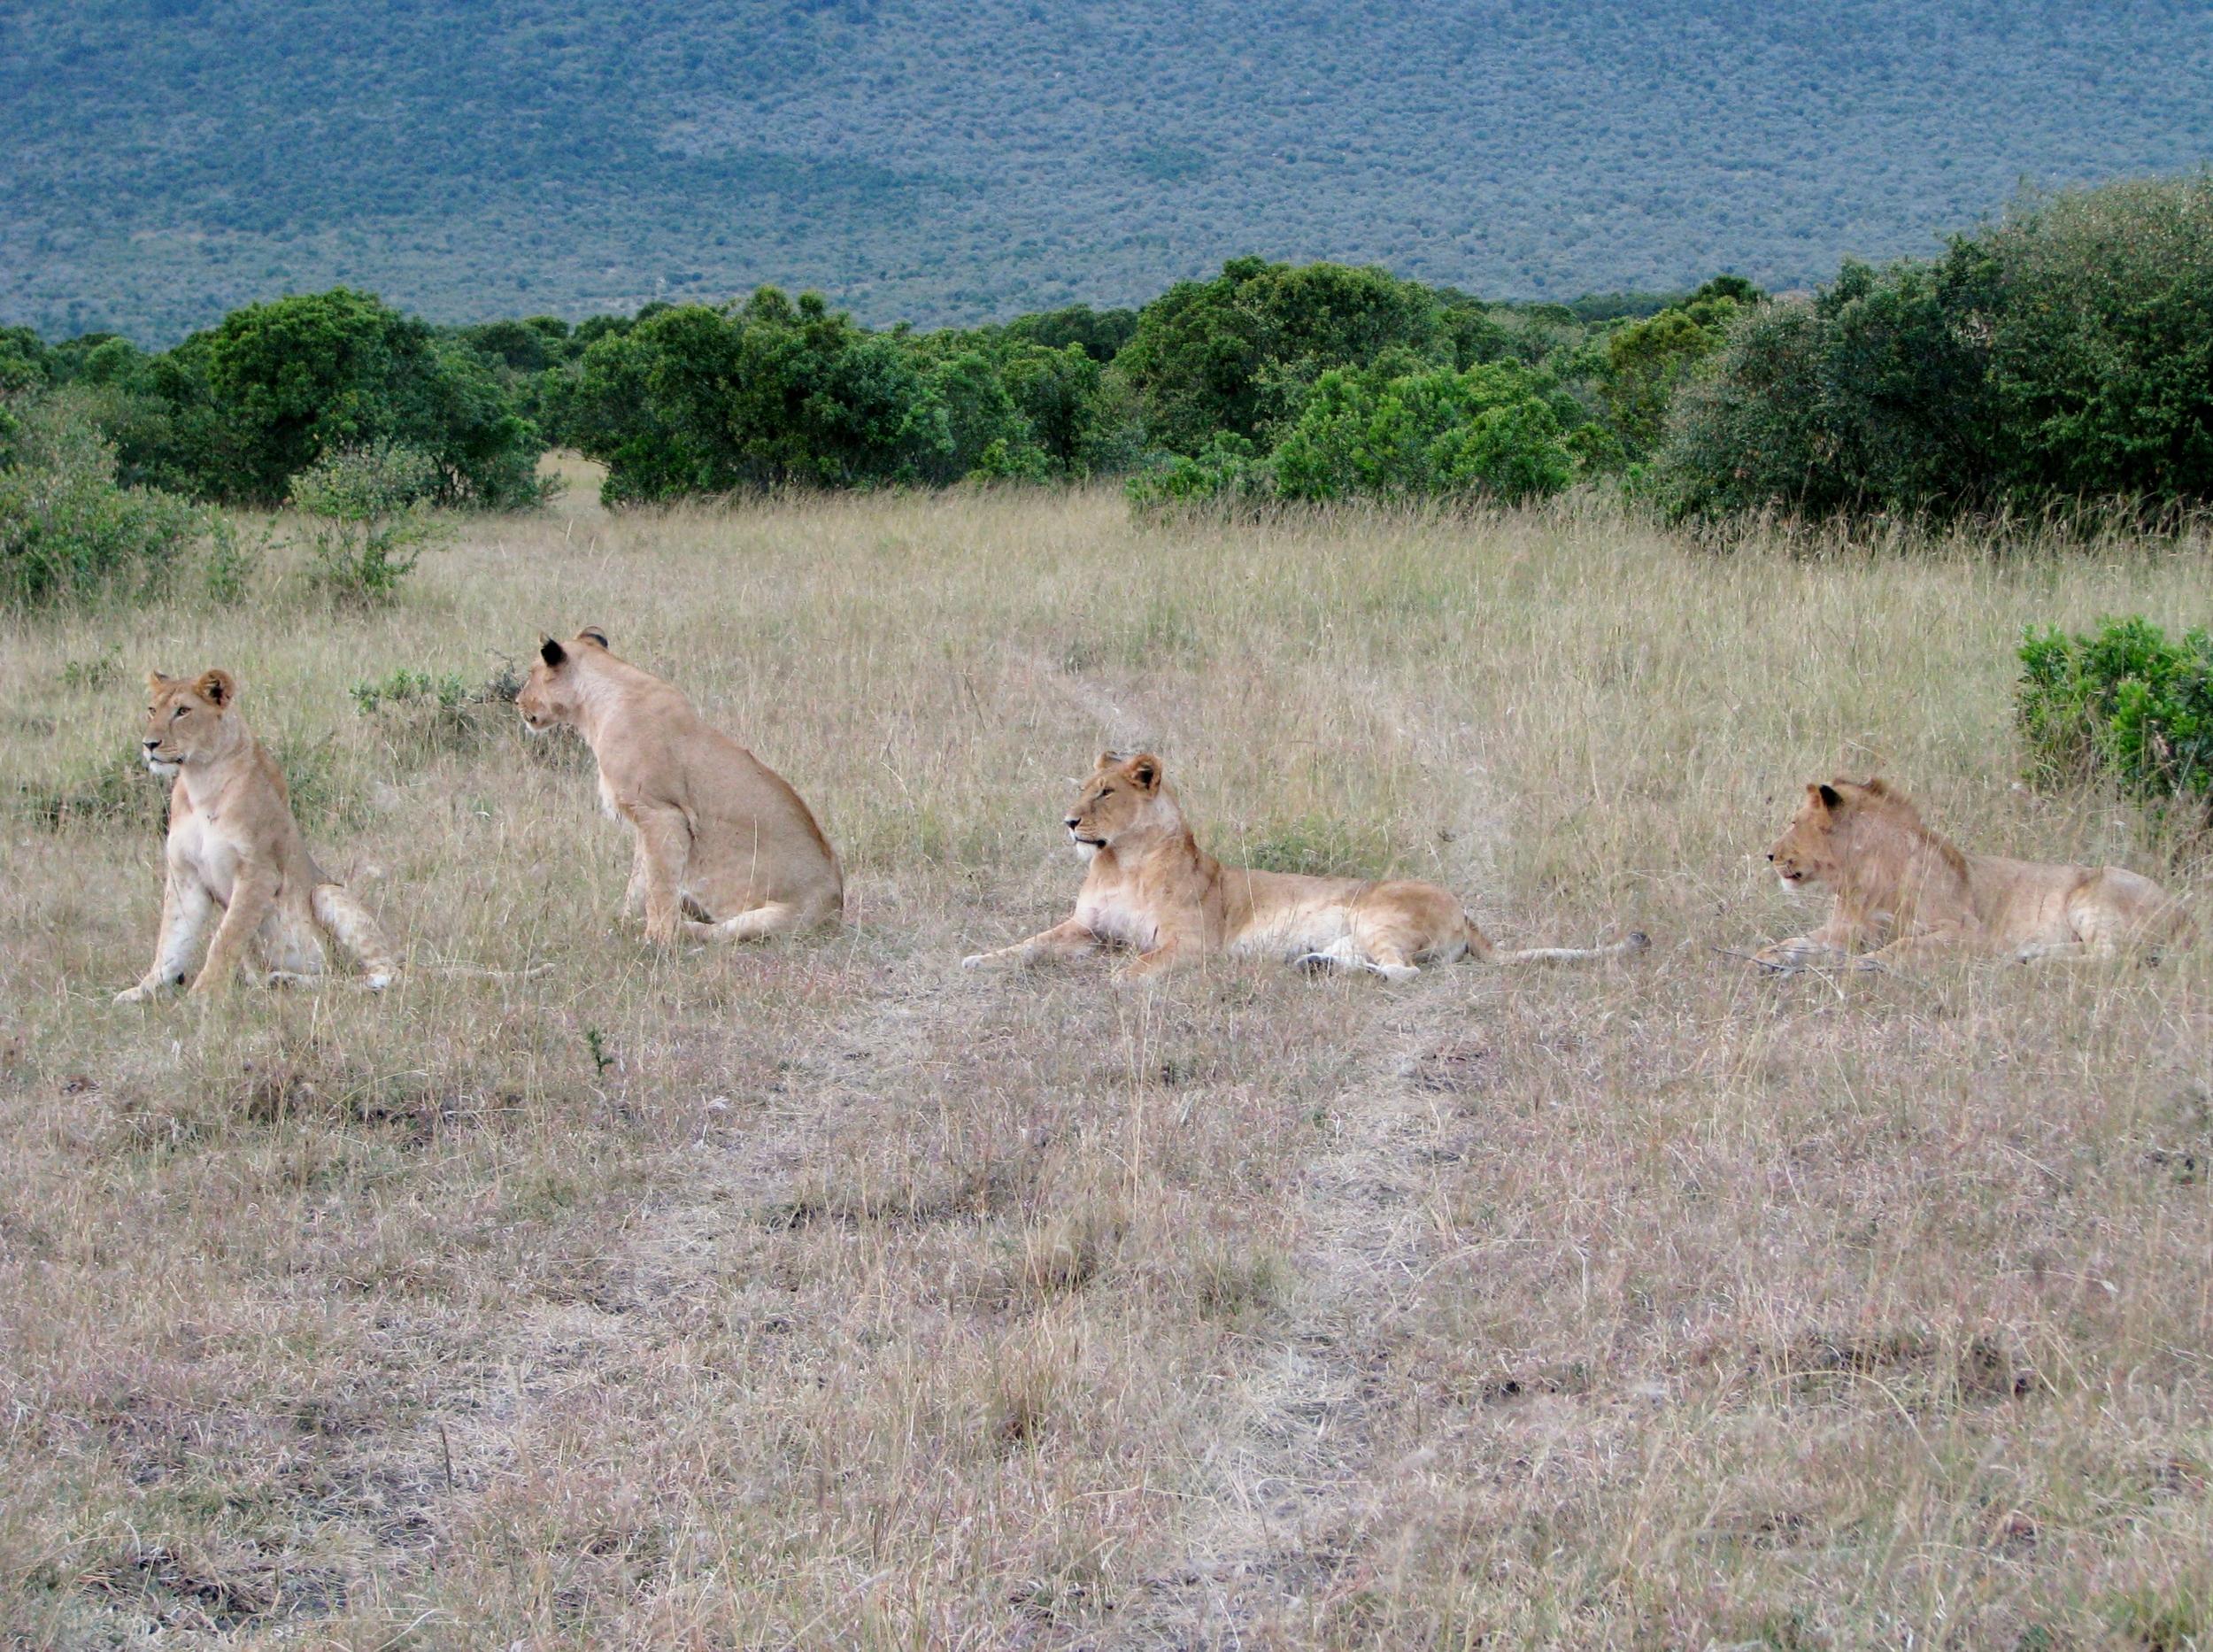 08-18-16 lions3.JPG